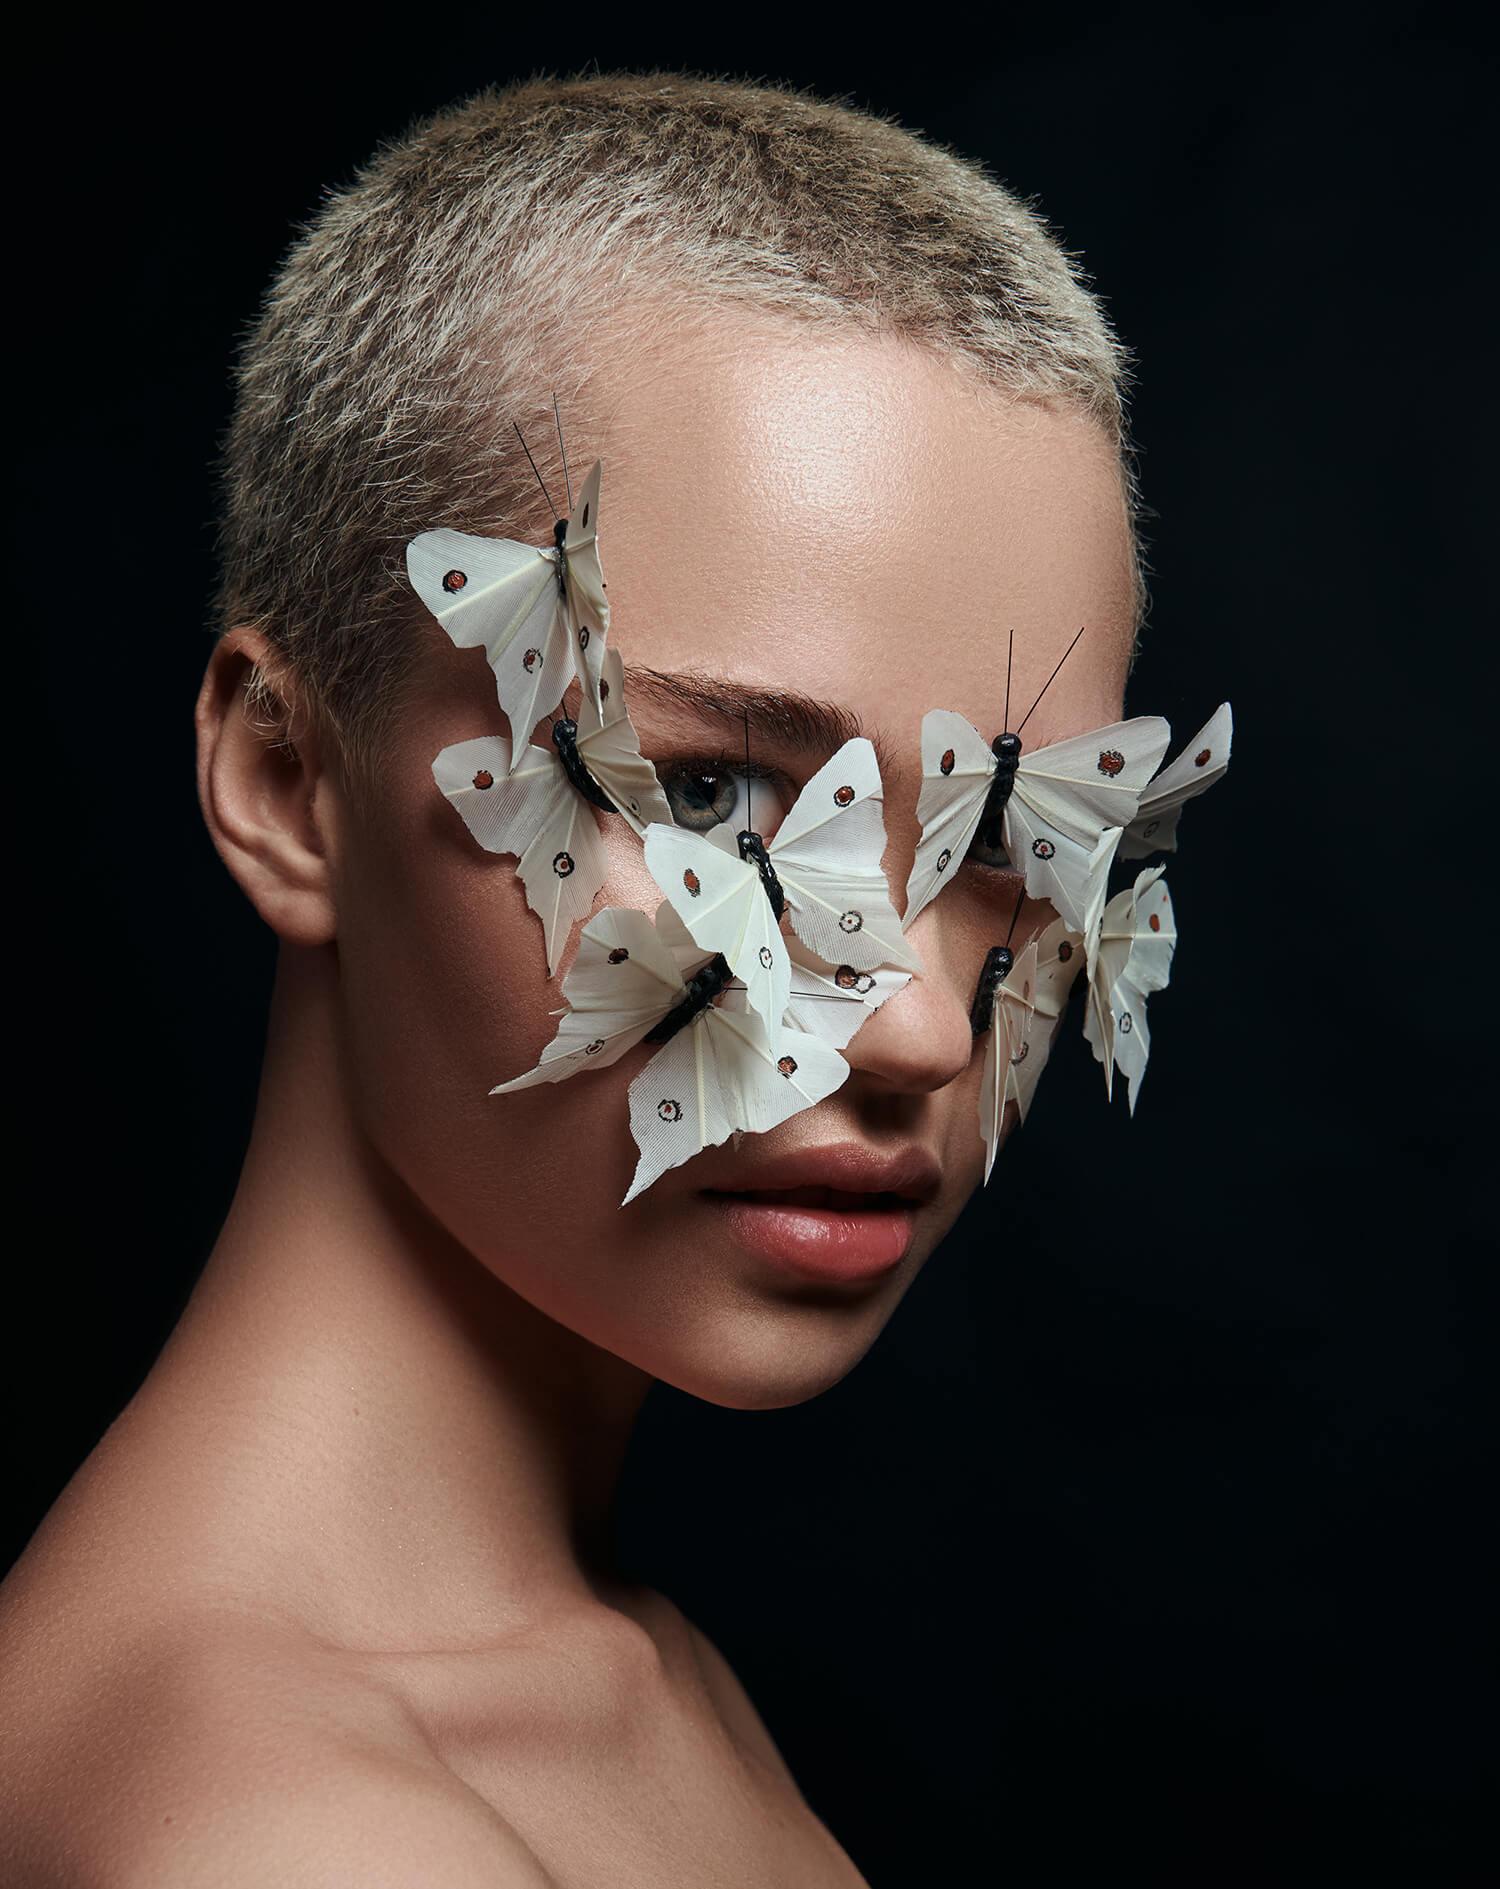 brandon-barnard-photographer-award-winning-editorial-portraits-shae-butterflies-johannesburg-DSC7584-out.jpg